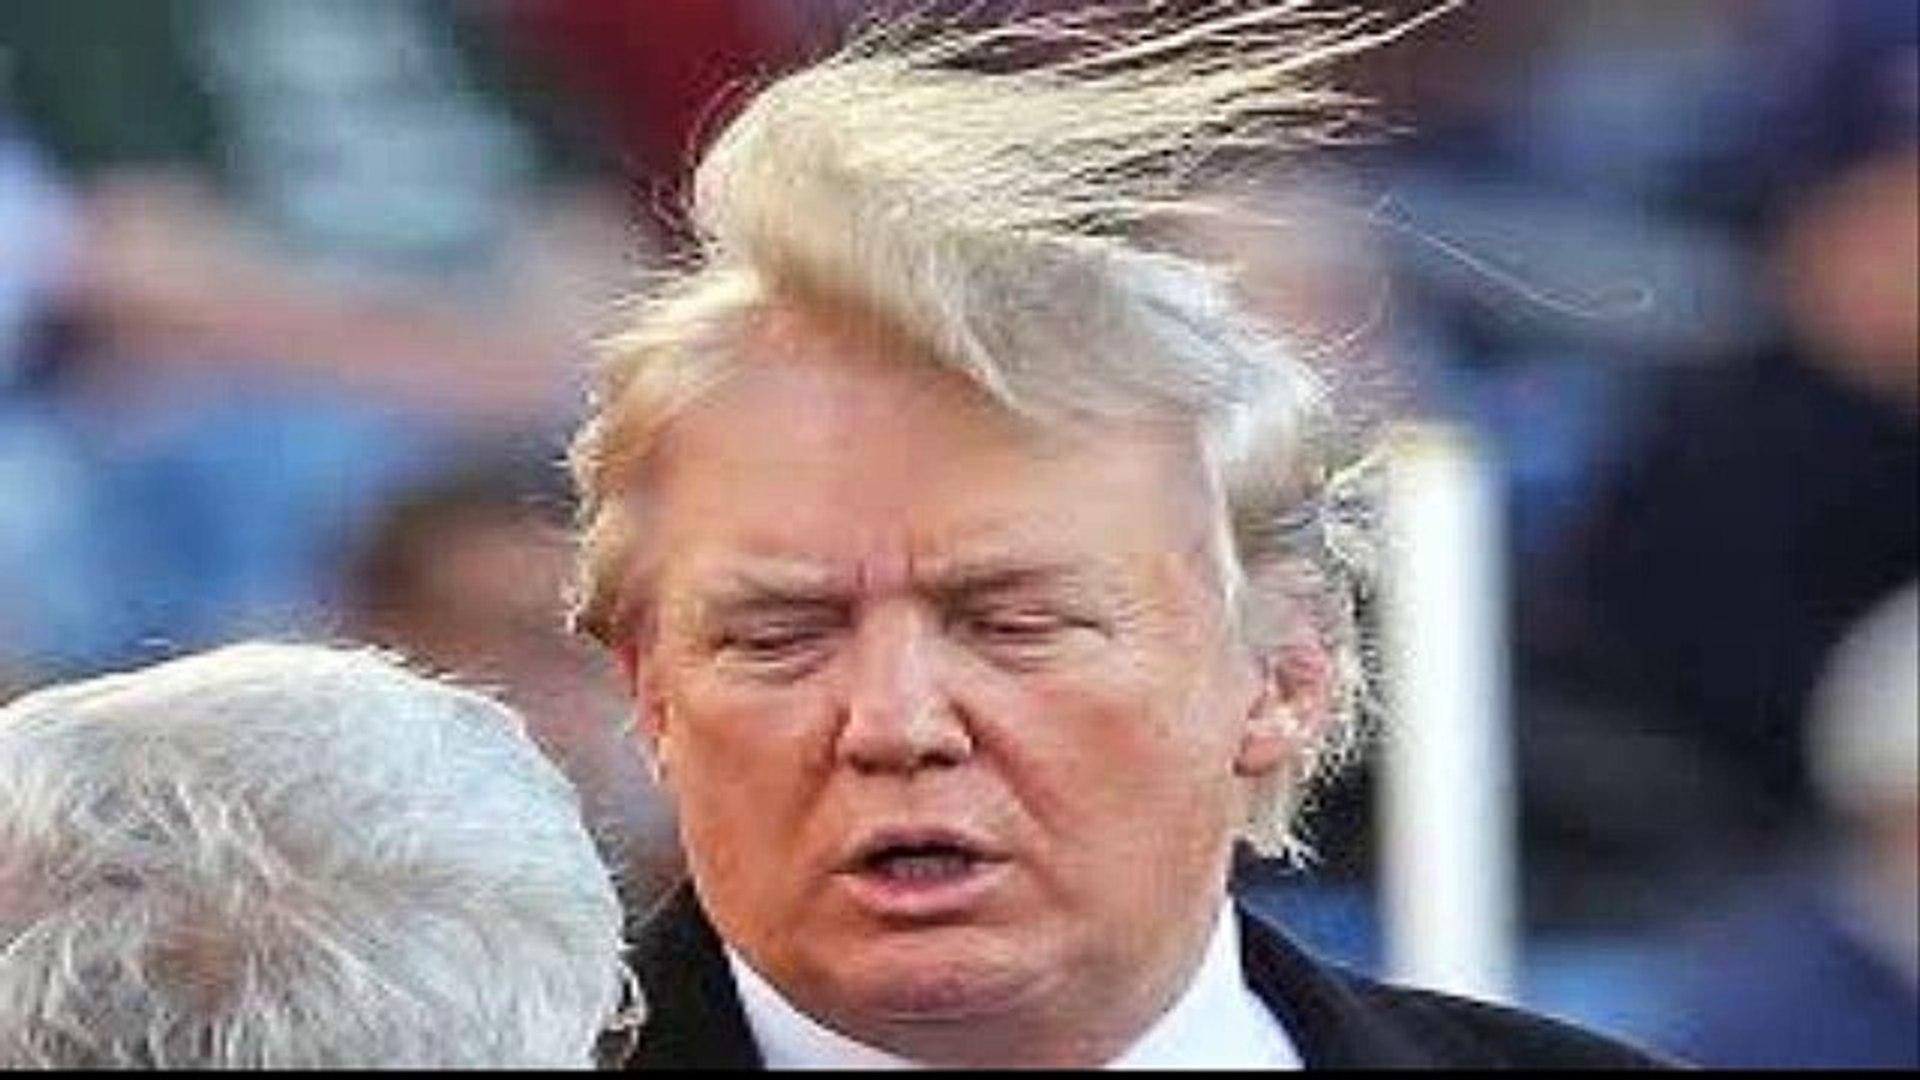 Donal Trump - Hair Trump